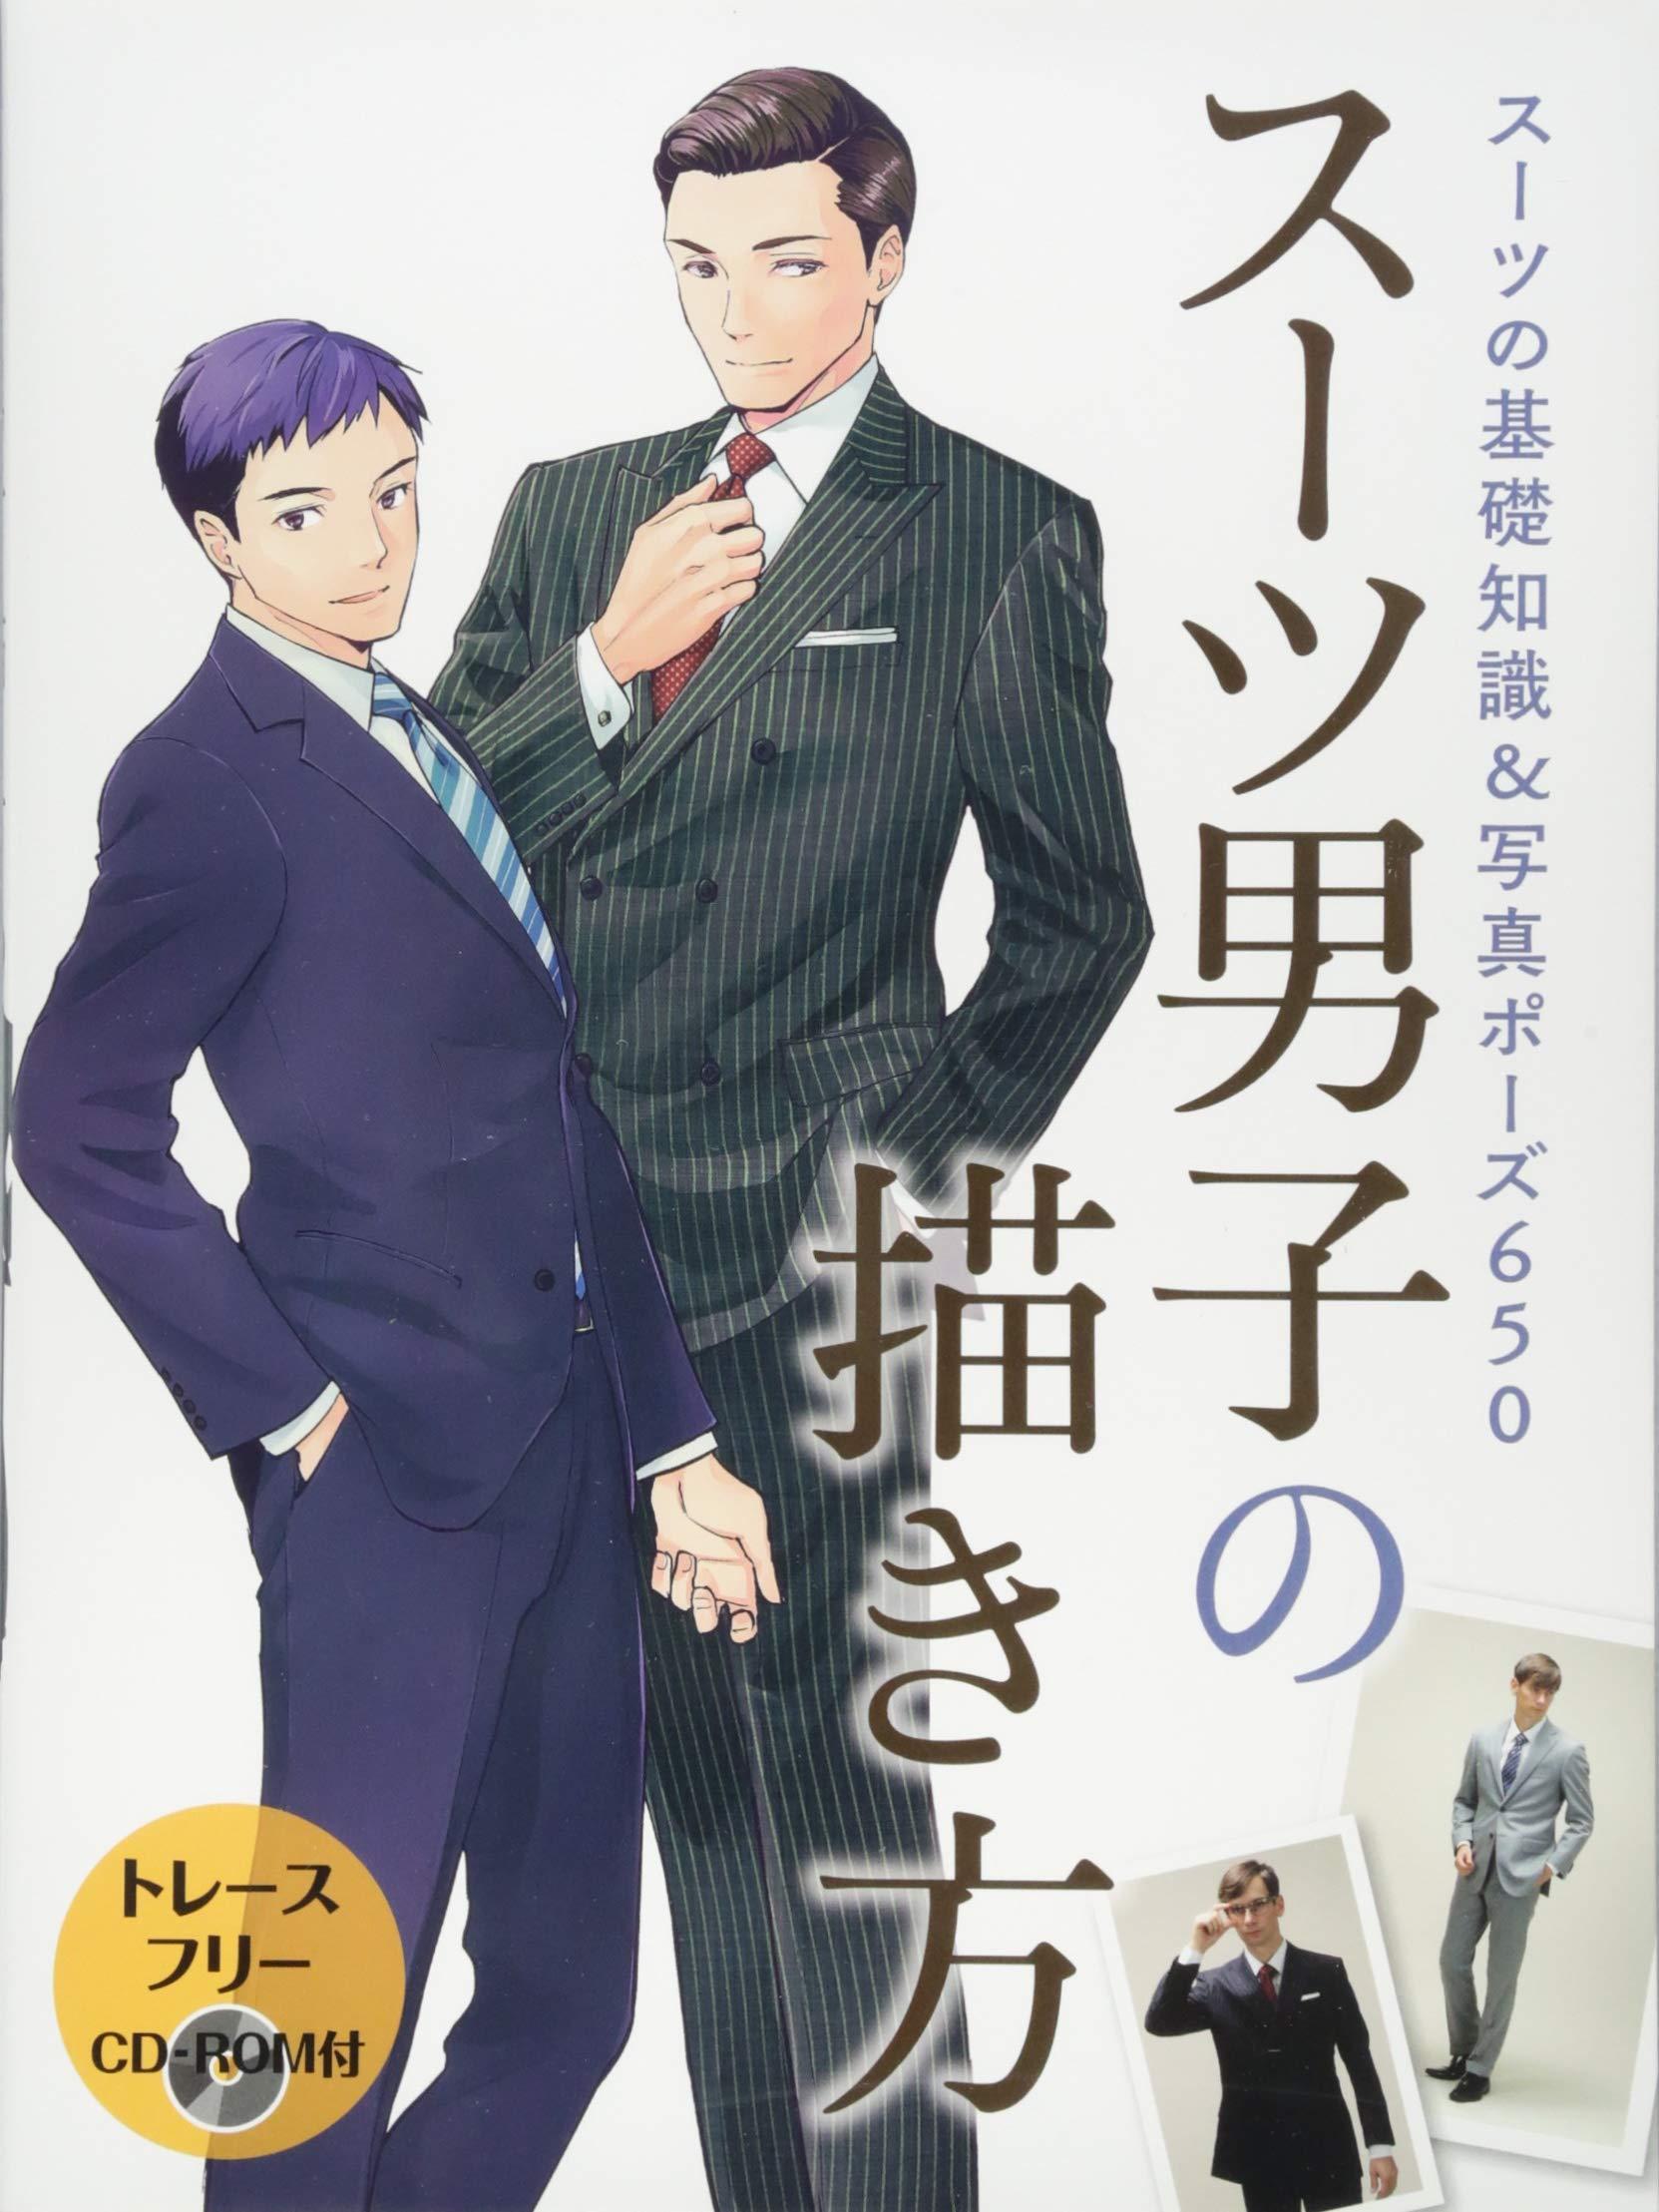 Amazon Co Jp スーツ男子の描き方 スーツの基礎知識 写真ポーズ650 本